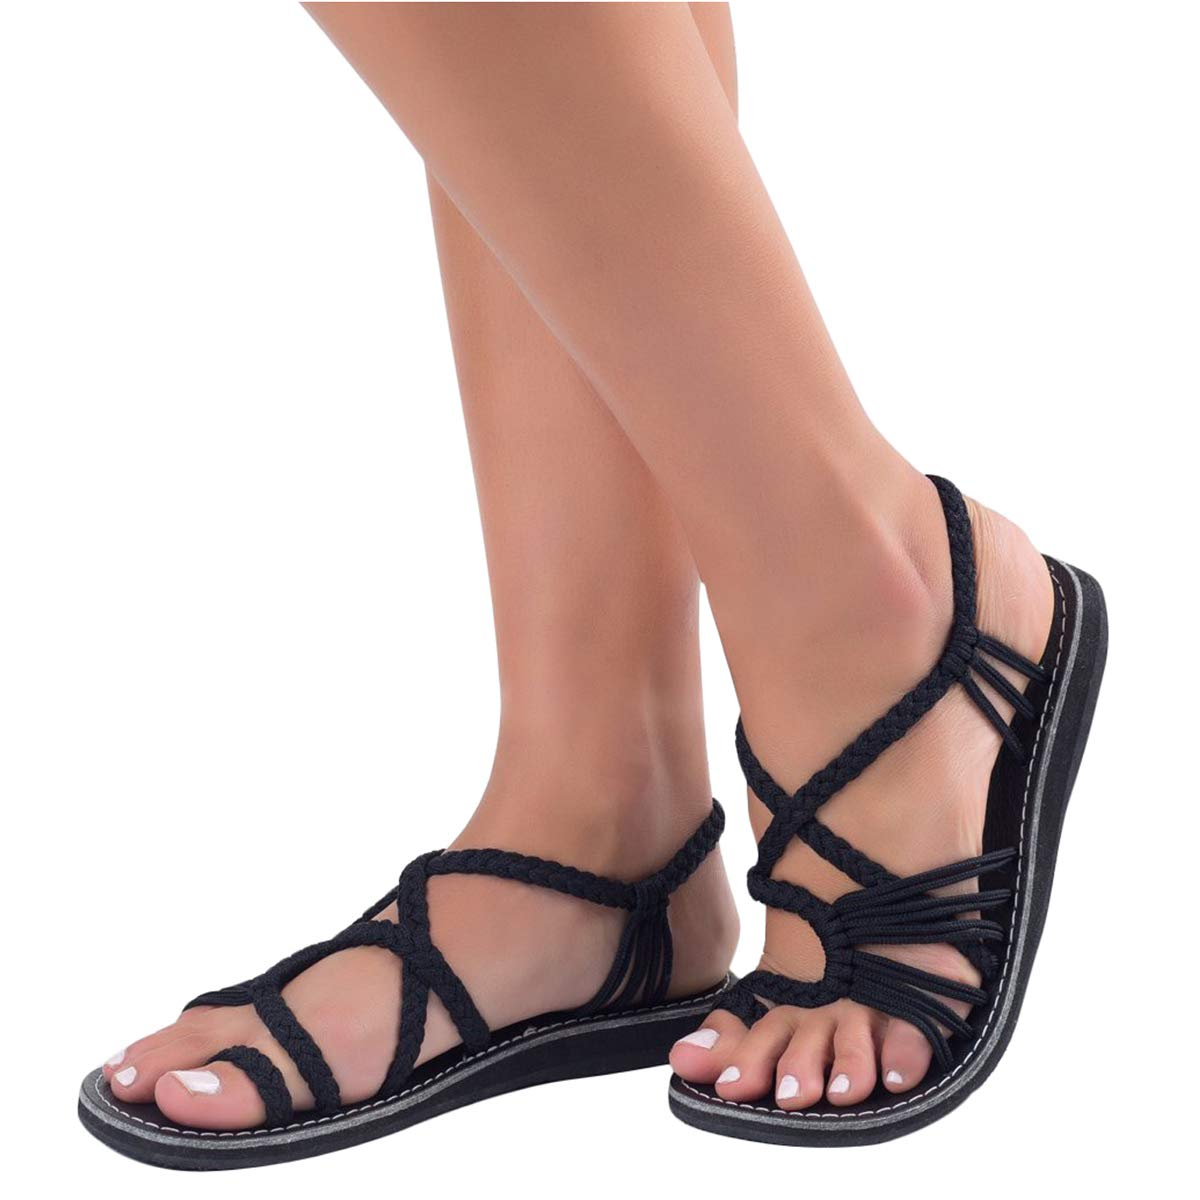 ORANDESIGNE Sandali Donna Eleganti Spiaggia Casuale Intrecciato Sandals Shoes Estivi Tacco Basso Infradito Scarpe  Nero